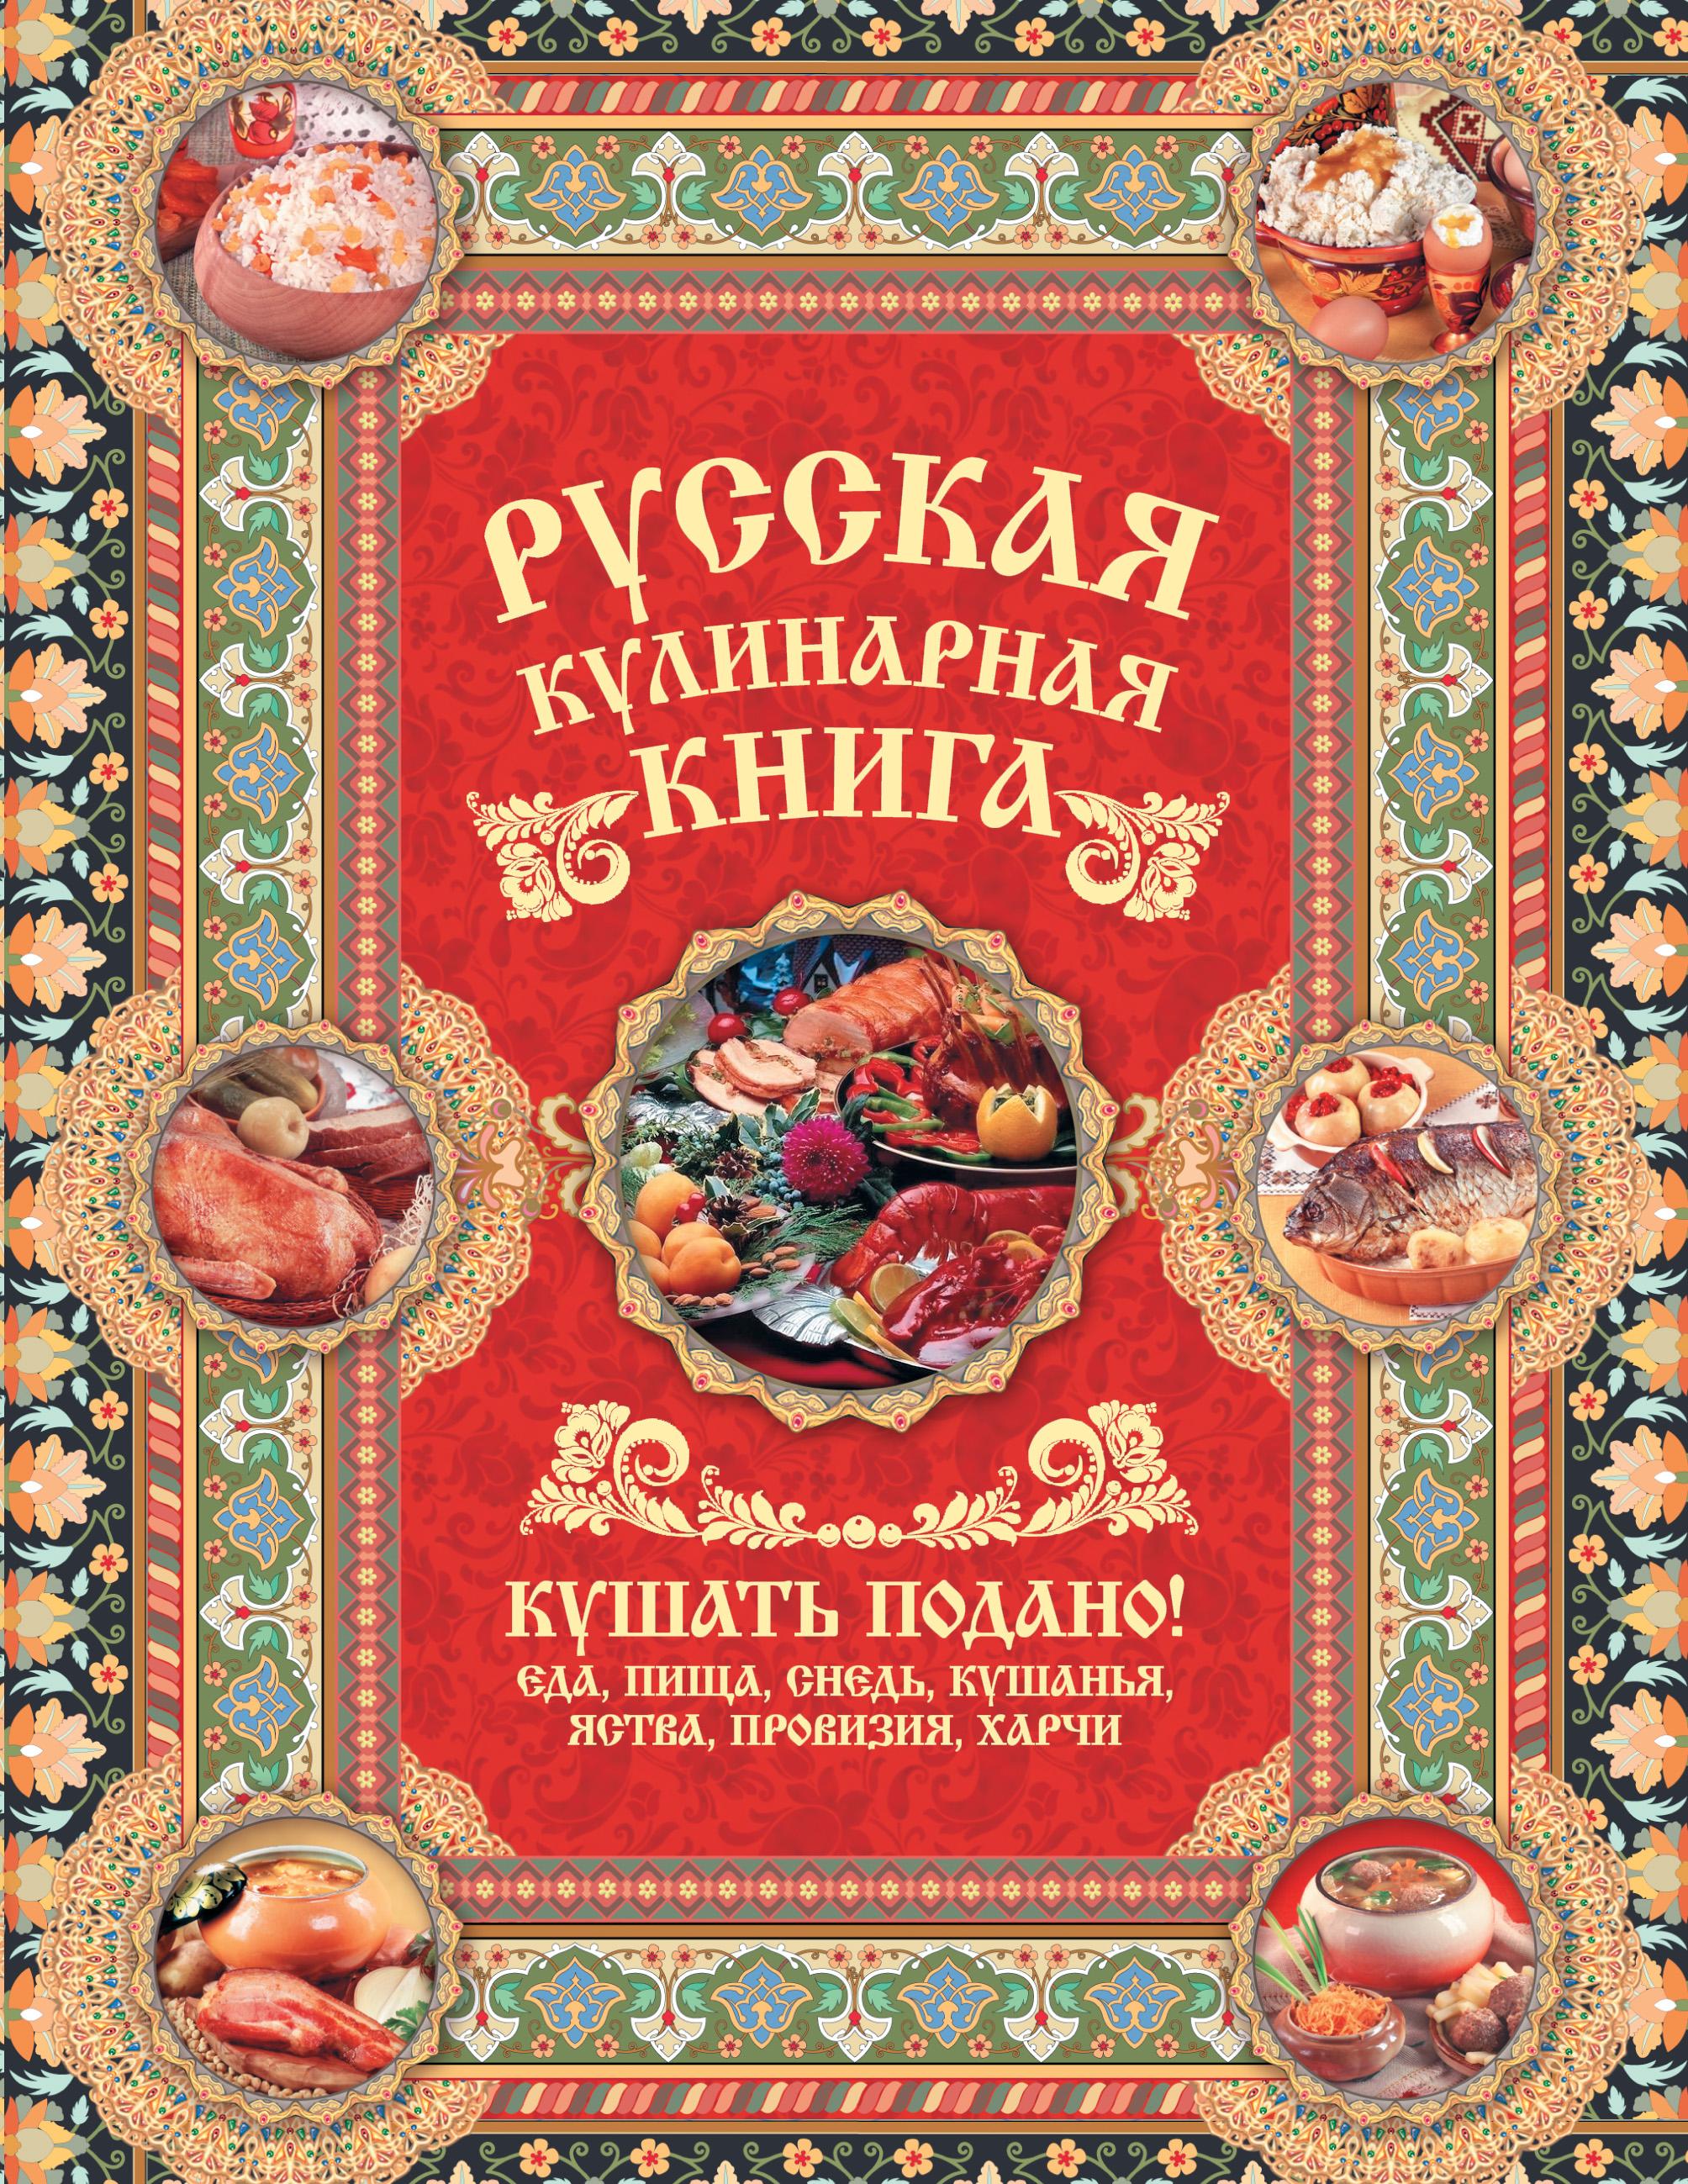 Андрей Сазонов Русская кулинарная книга. Кушать подано!